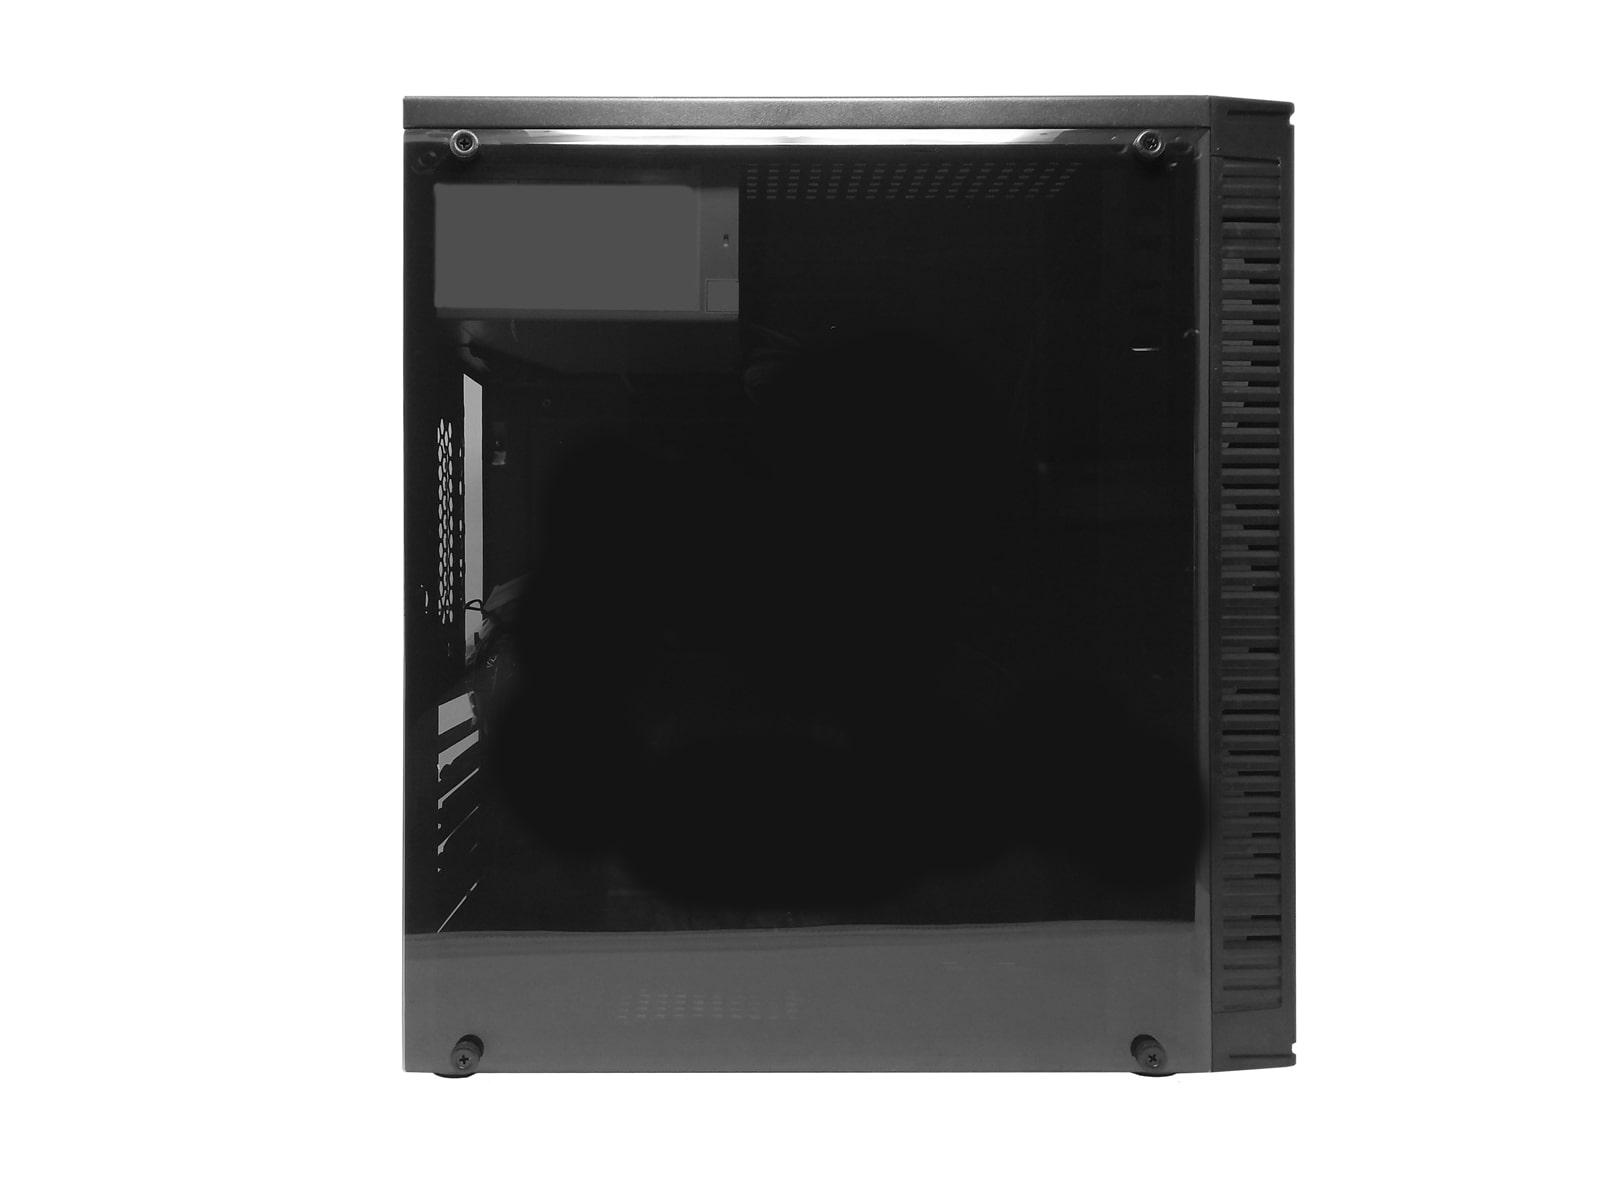 Gabinete Bluecase BG-2514 SEM FONTE, USB 3.0, Preto com Lateral em Acrílico - BG2514GCASE